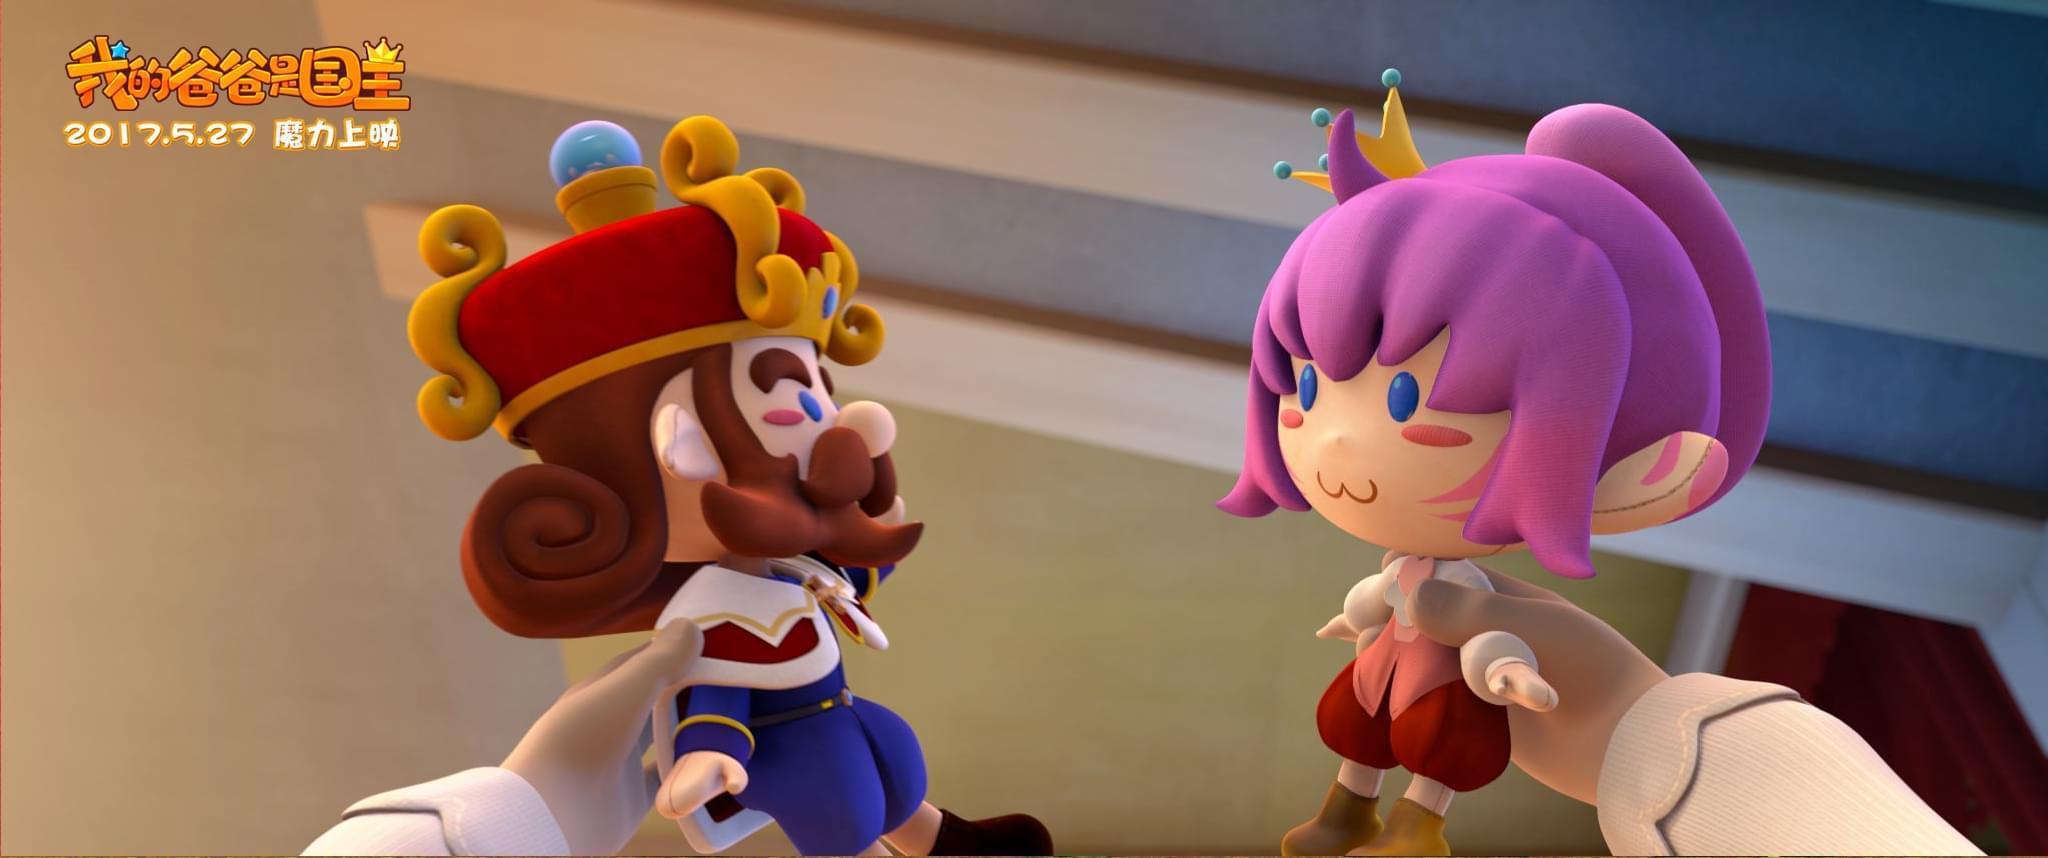 爸爸与公主玩偶